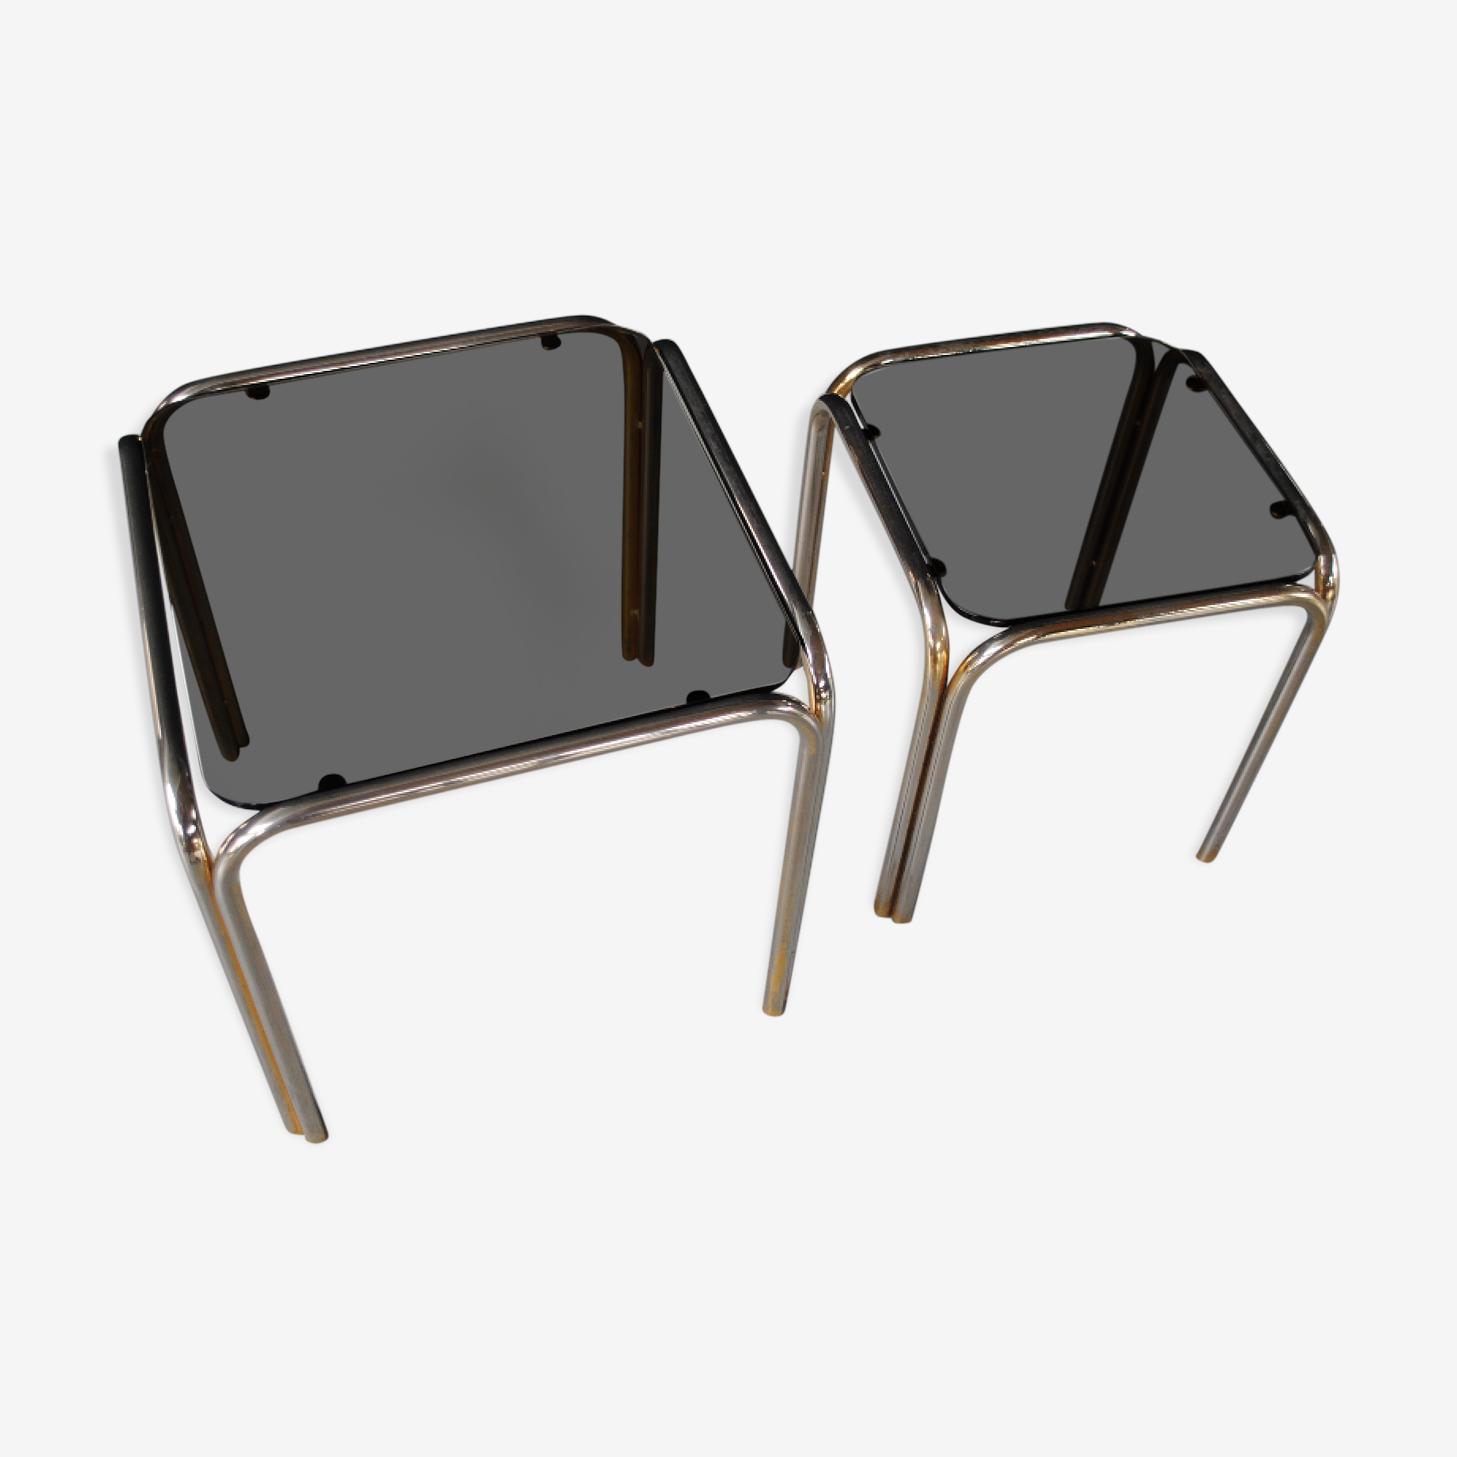 Tables gigognes métal et verre fumée vintage